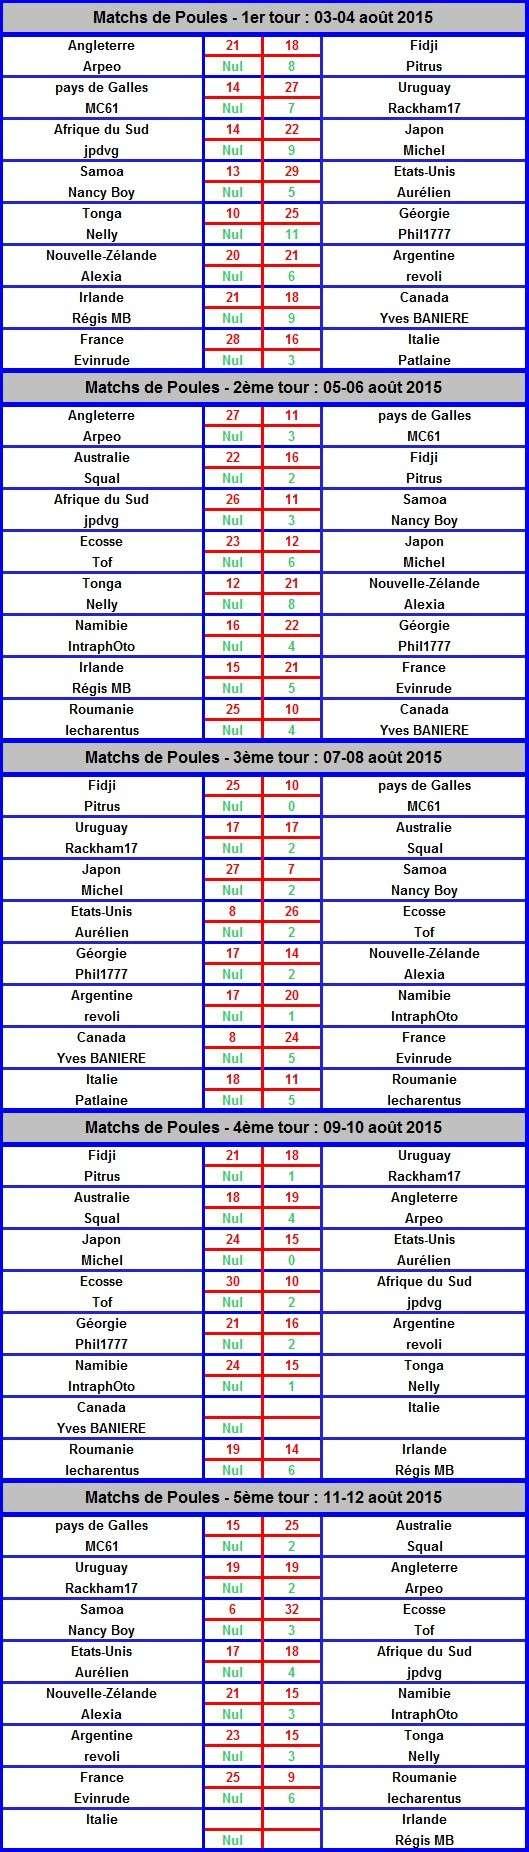 Les résultats de la Coupe du Monde Forum Photo 2015 - Page 2 Suivi_14